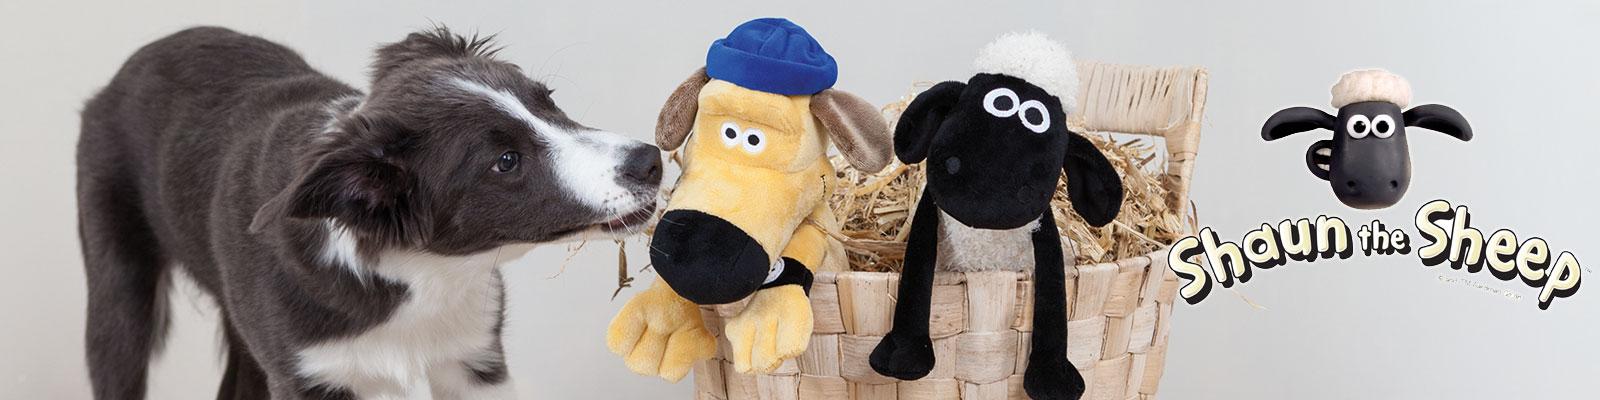 Shaun das Schaf - die Hundekollektion von TRIXIE, Bild 6